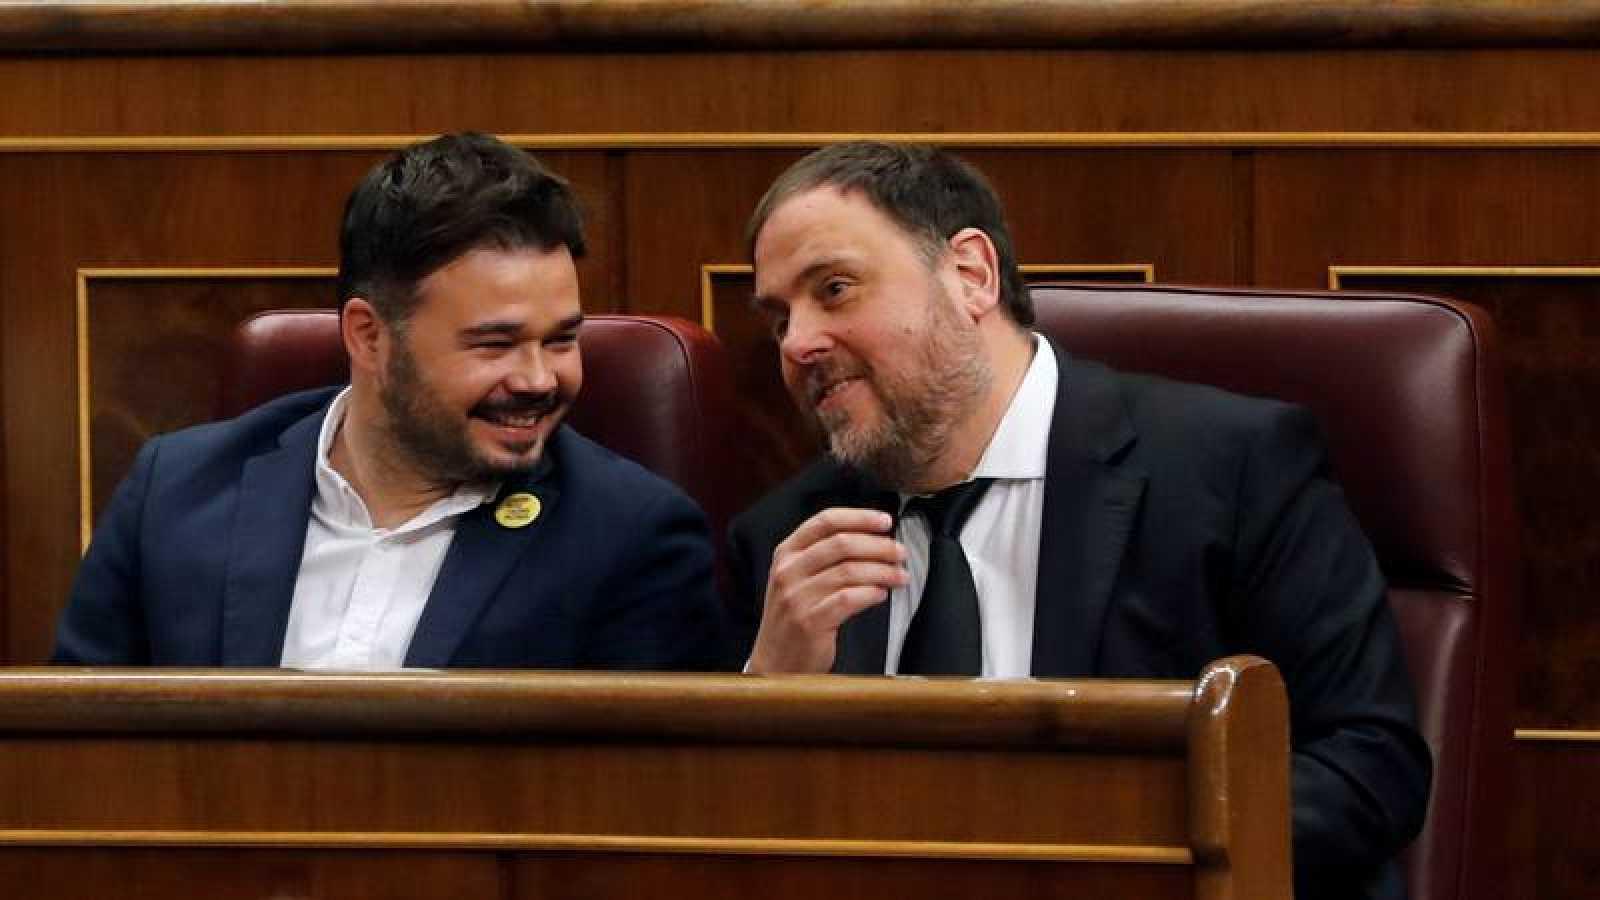 El diputado electo el prisión preventiva de ERC, Oriol Junqueras, junto al que será portavoz del grupo parlamentario de ERC, Gabriel Rufián